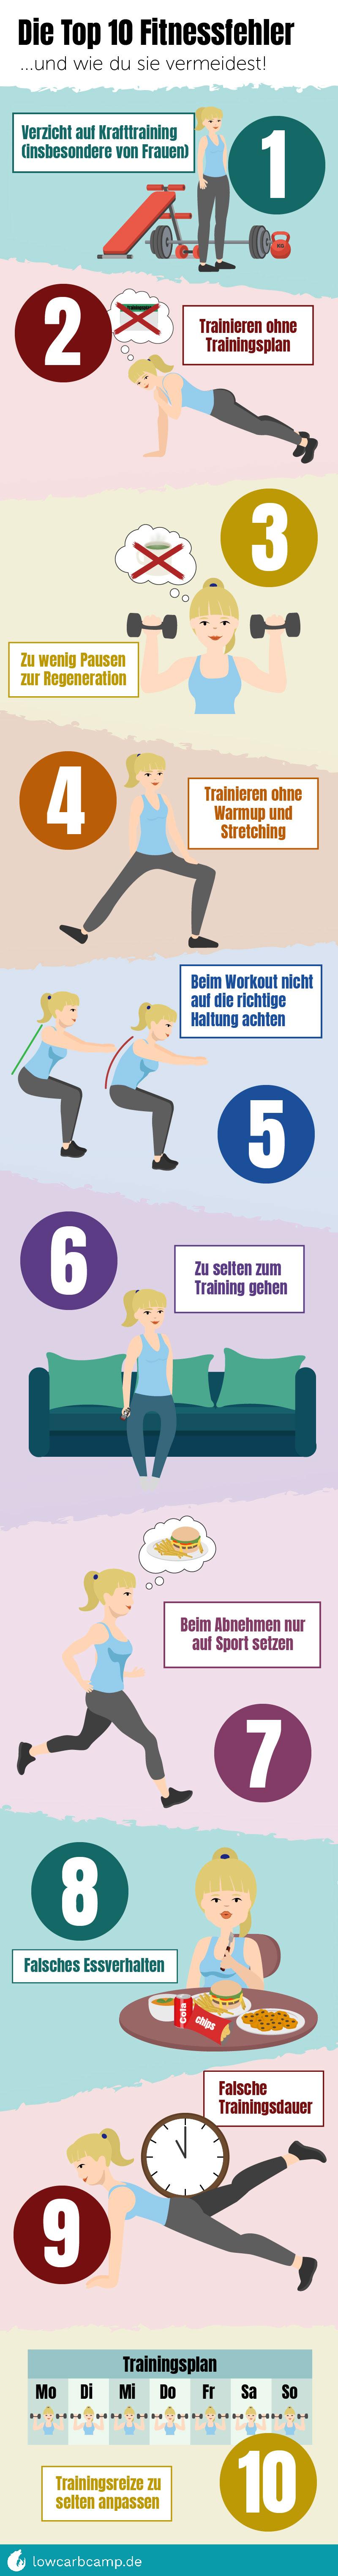 Die Top 10 Fitnessfehler und wie du sie vermeidest!